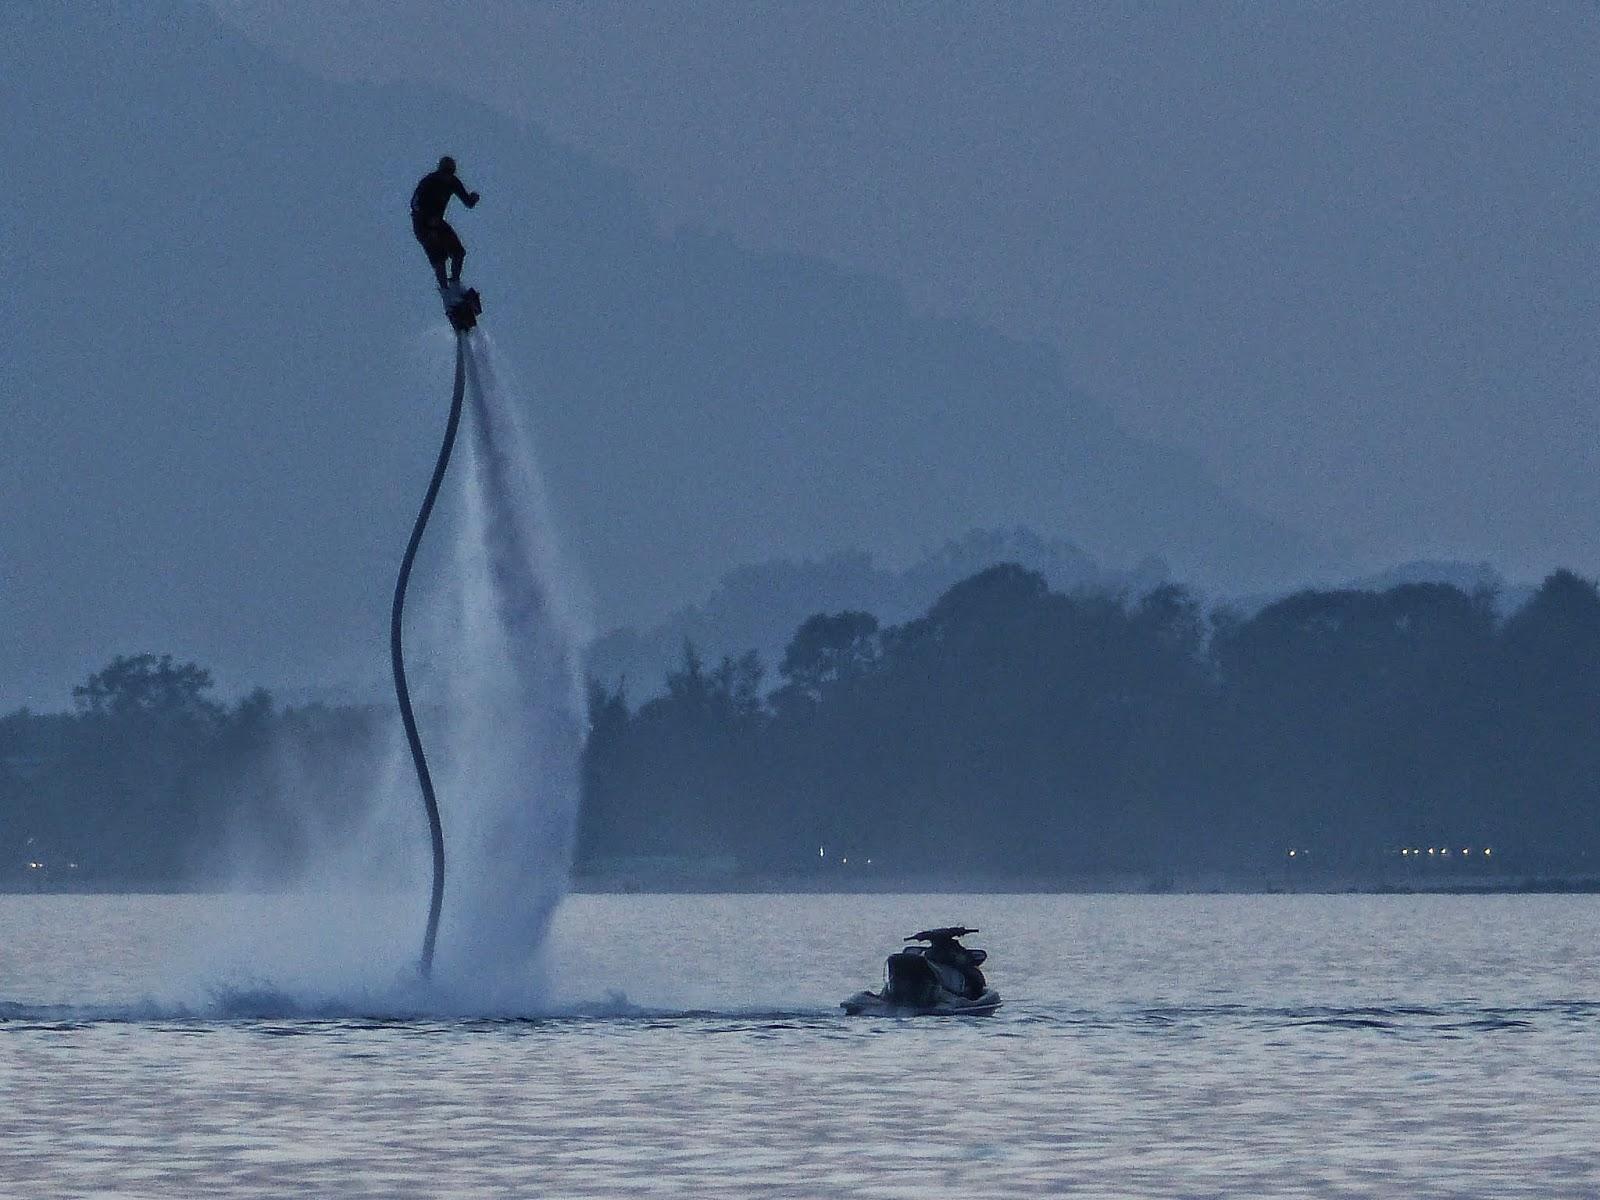 Ocean Hover - Boarding